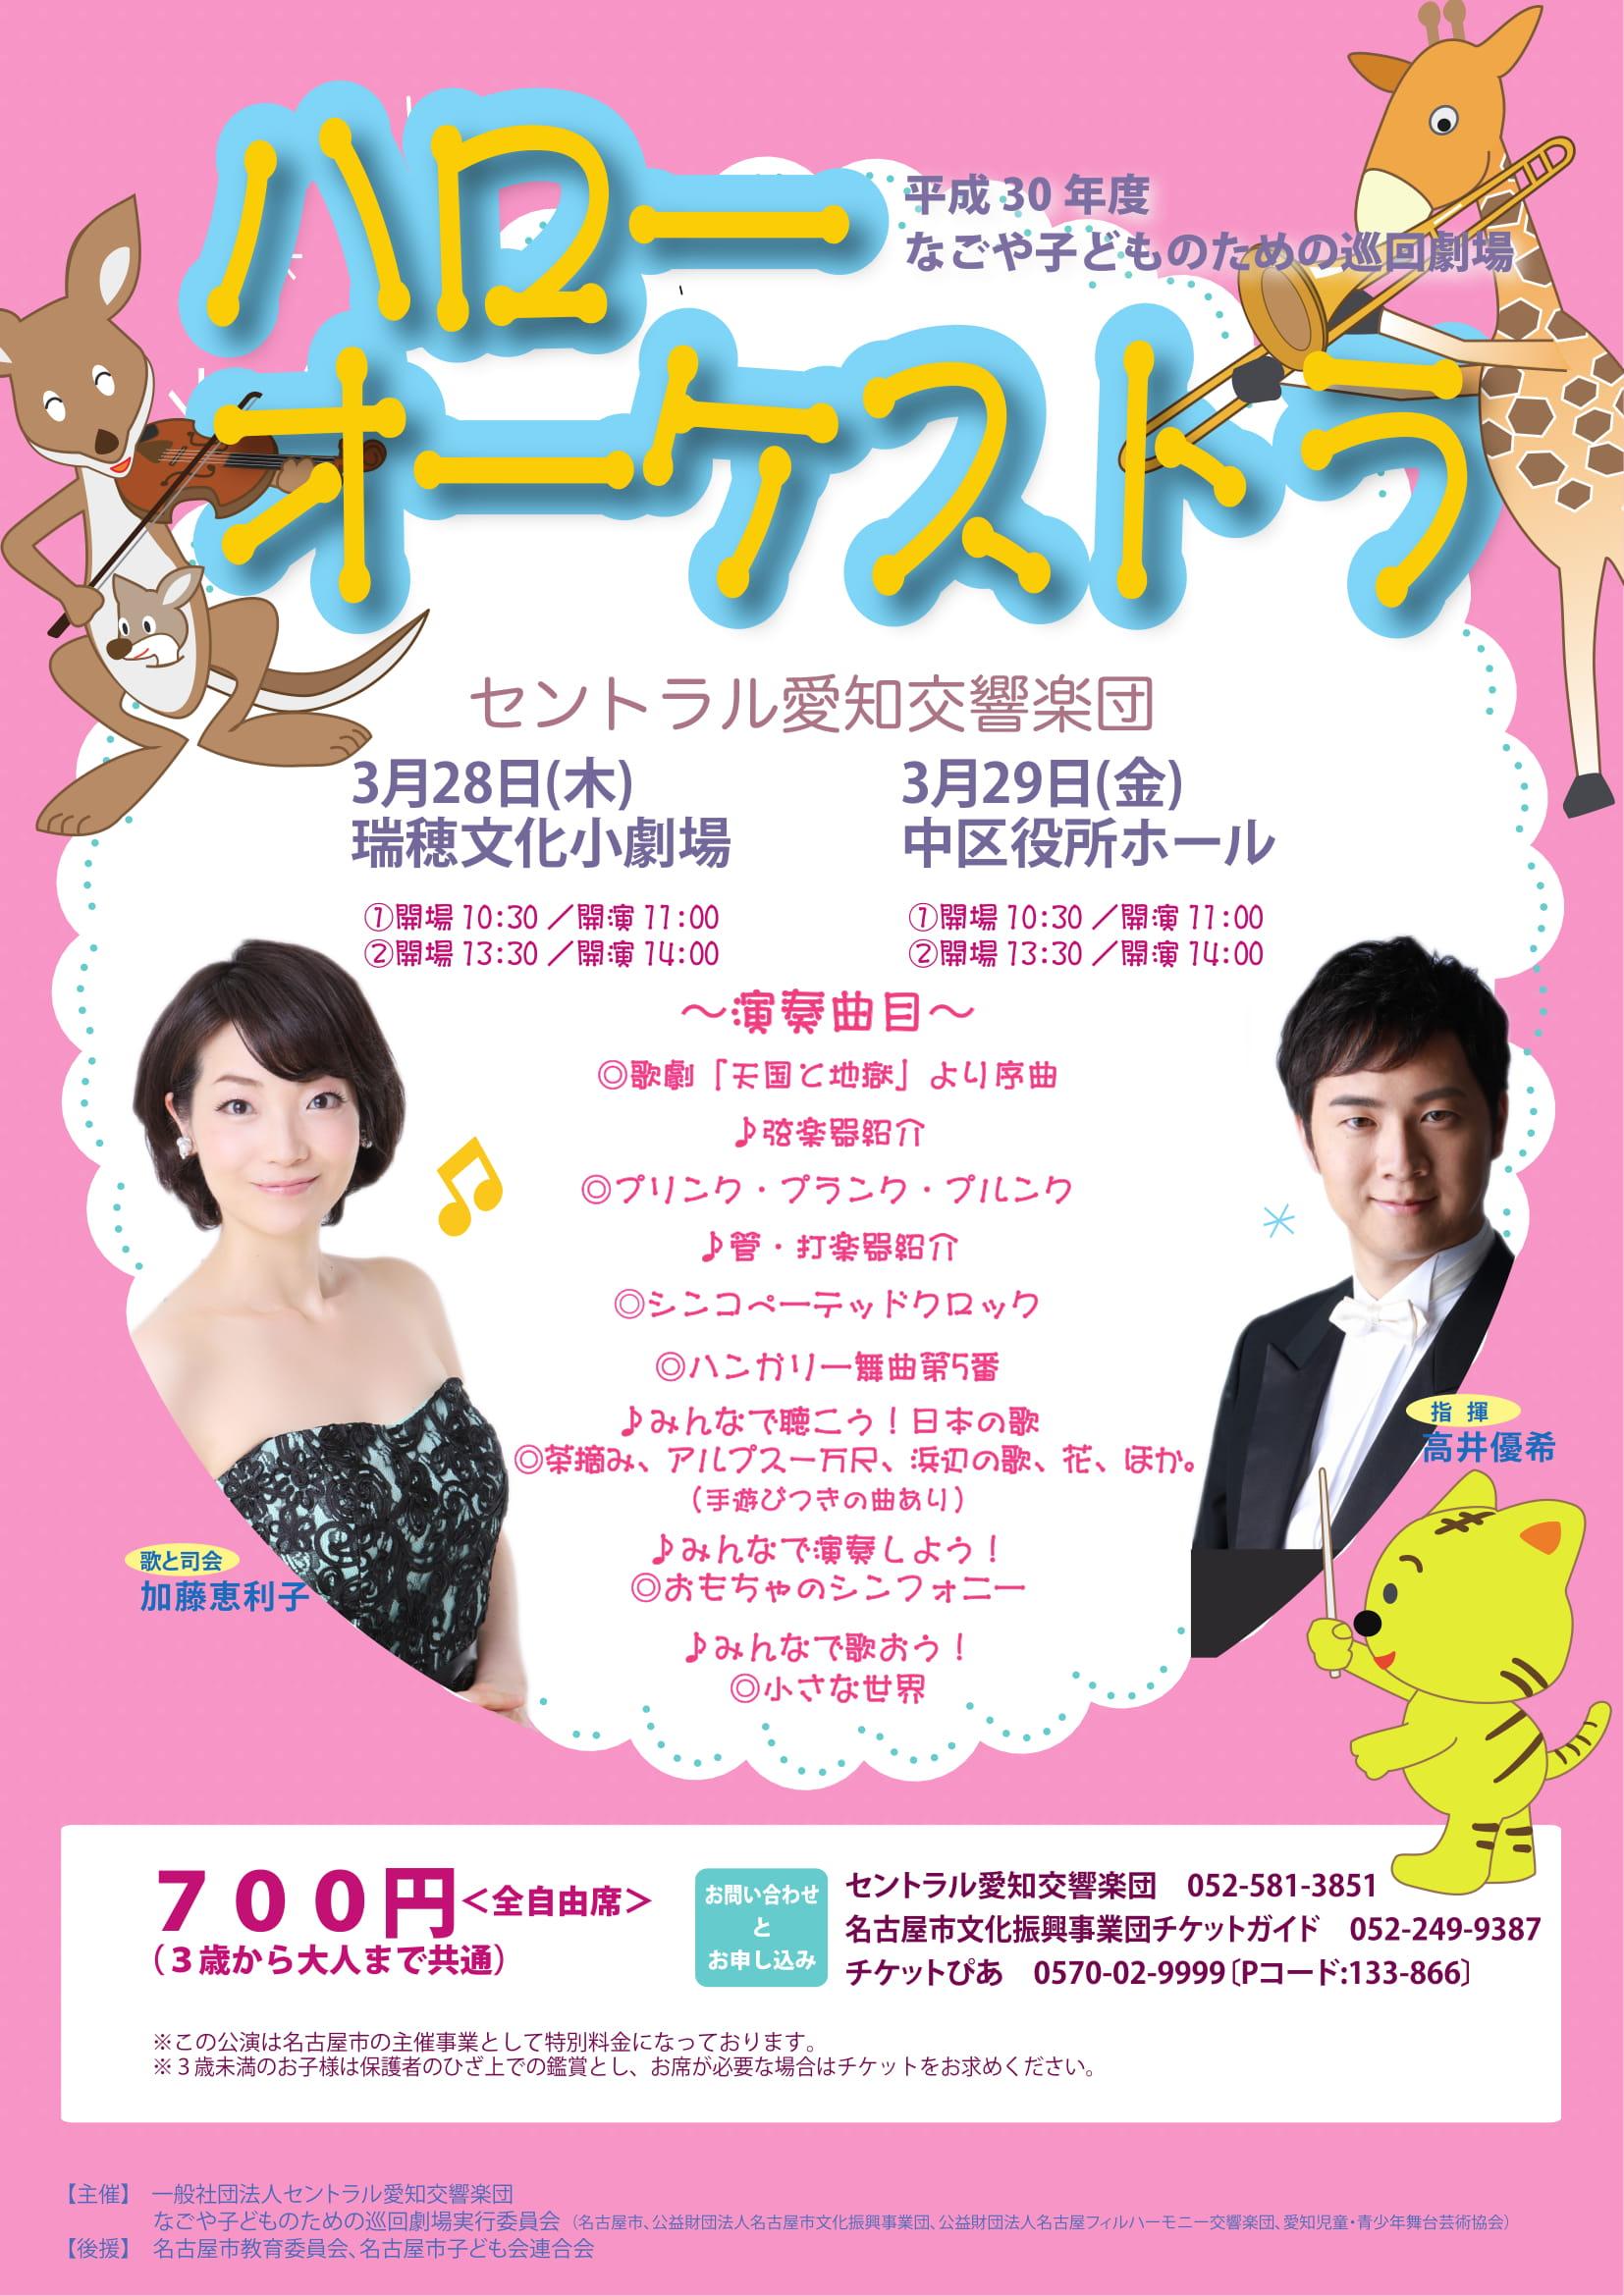 平成30年度なごや子どものための巡回劇場ハローオーケストラ 3/28 午前公演(11時)